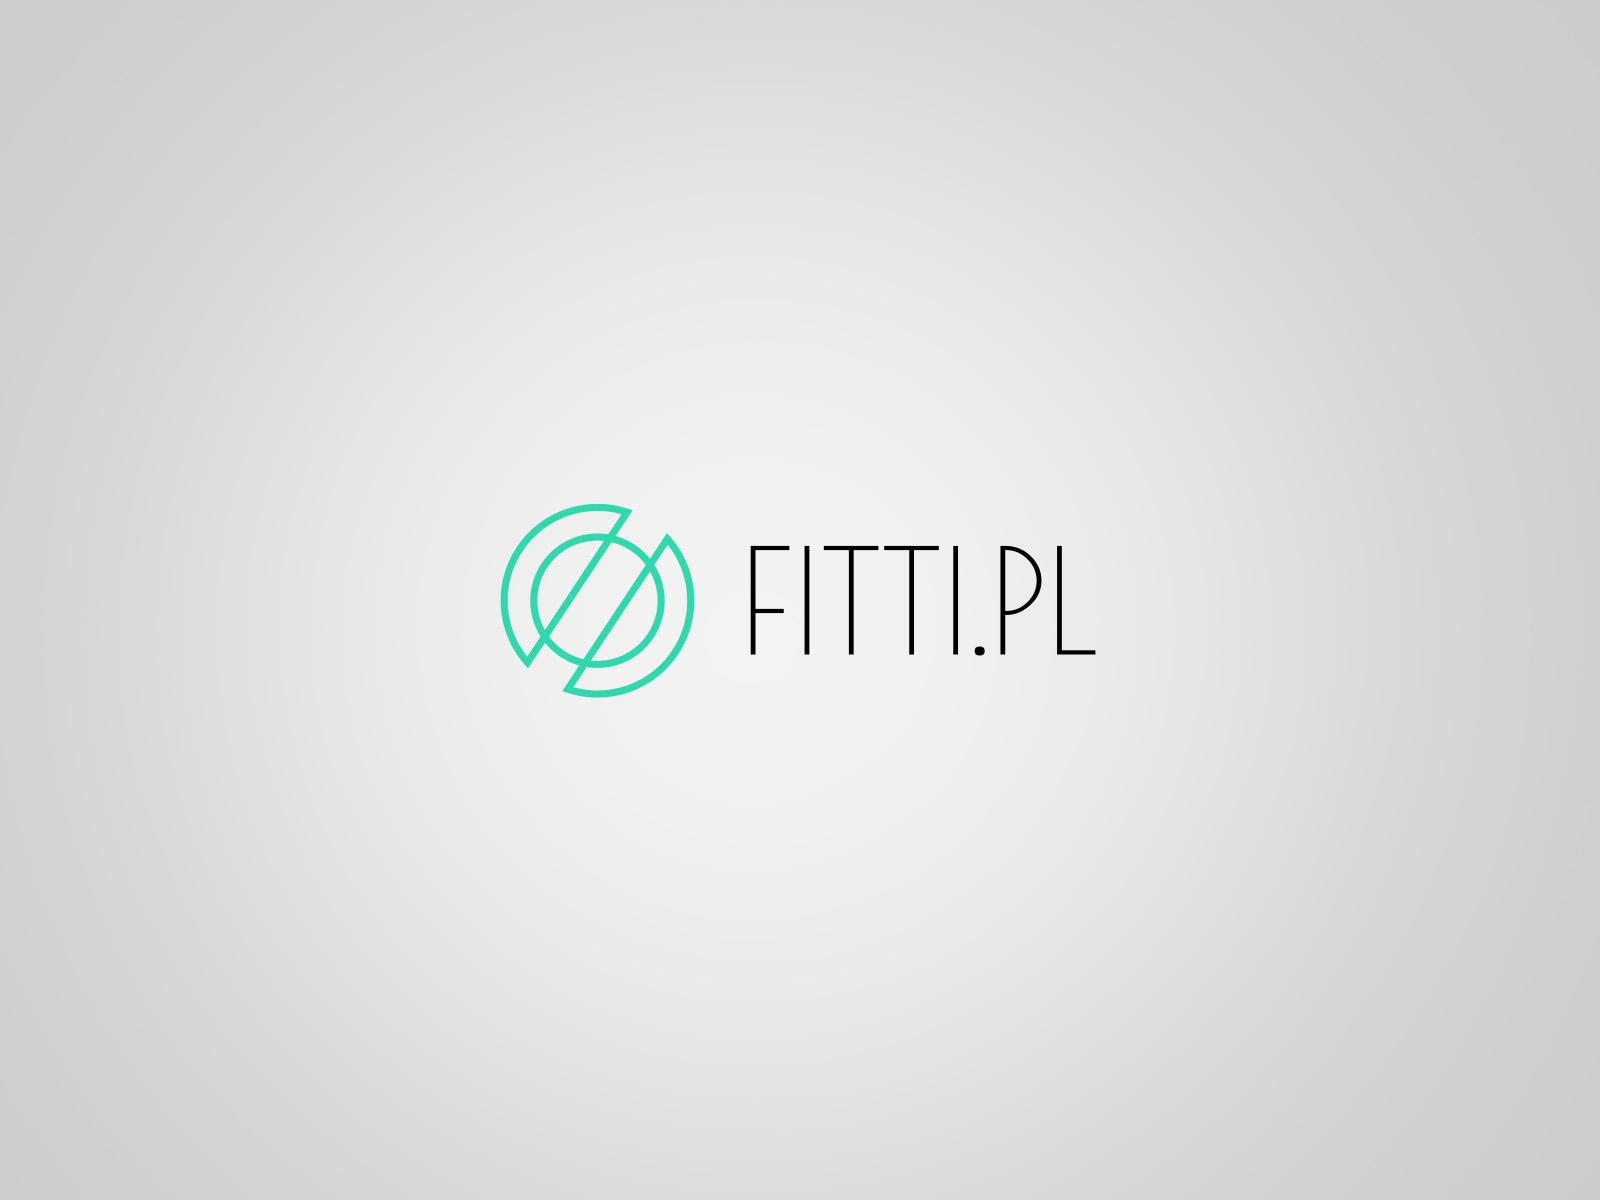 Projekt graficzny logo dla firmy Fitti.pl